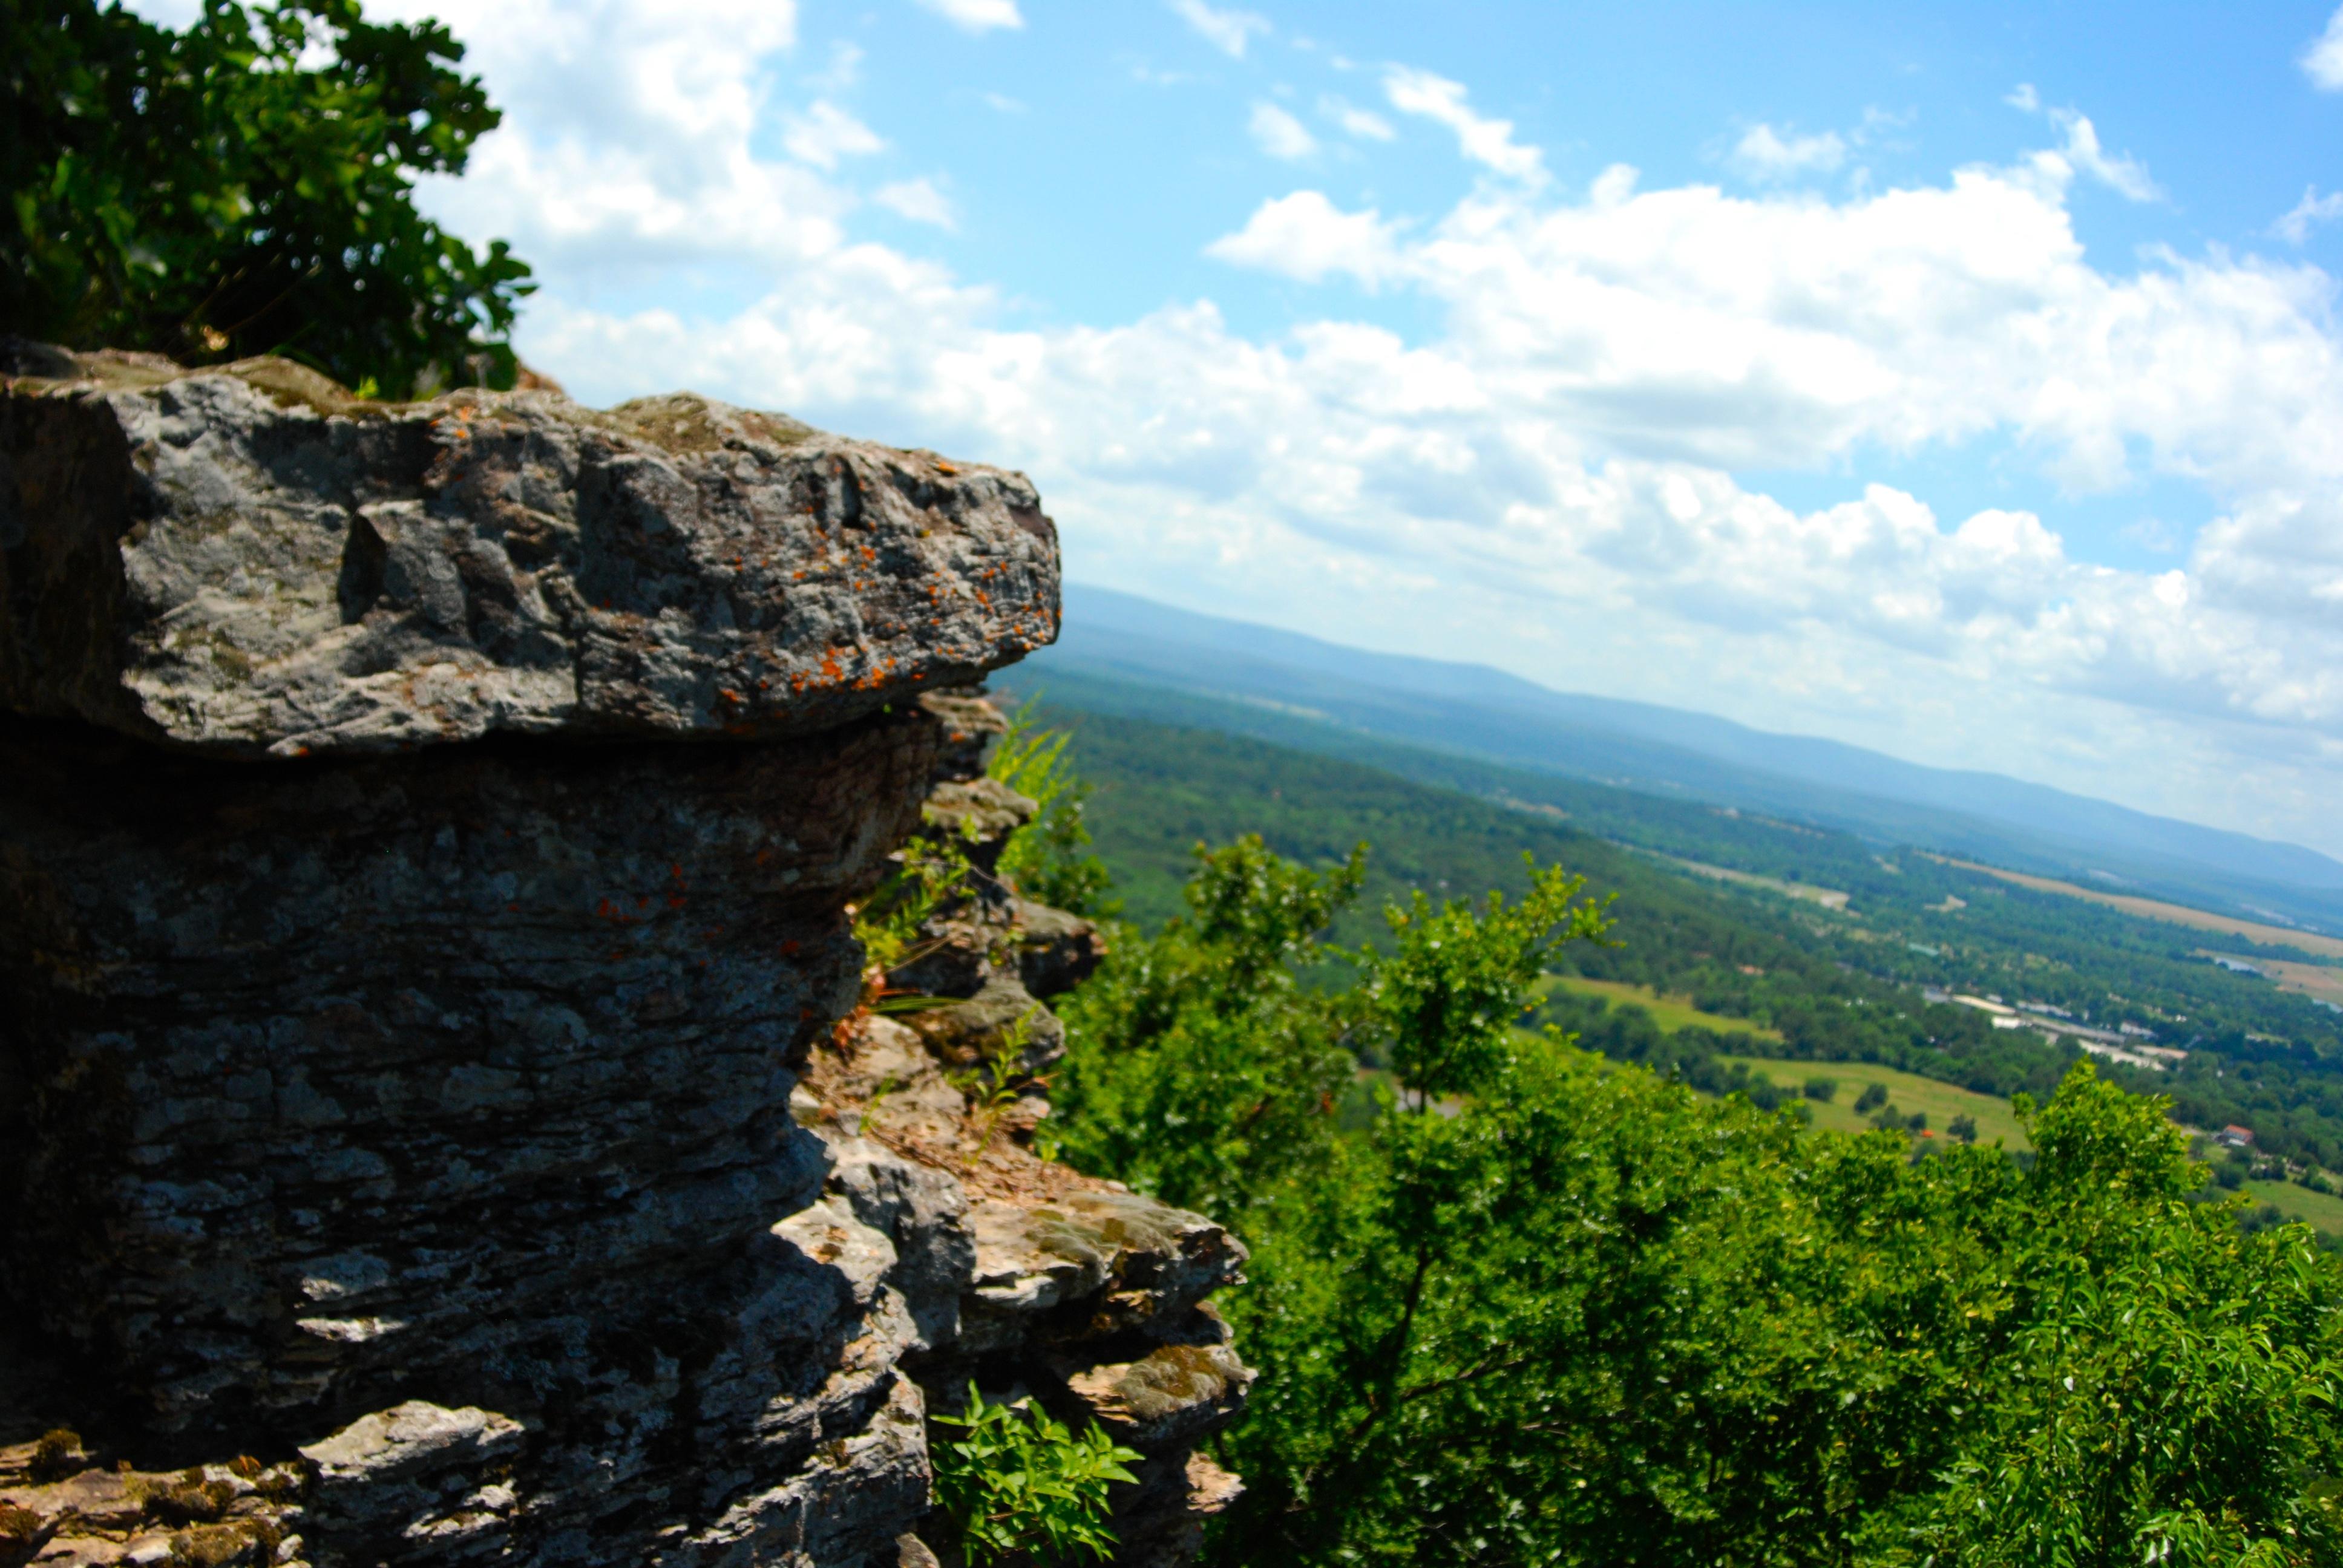 TravelOK.com - Oklahoma's Official Travel & Tourism Site